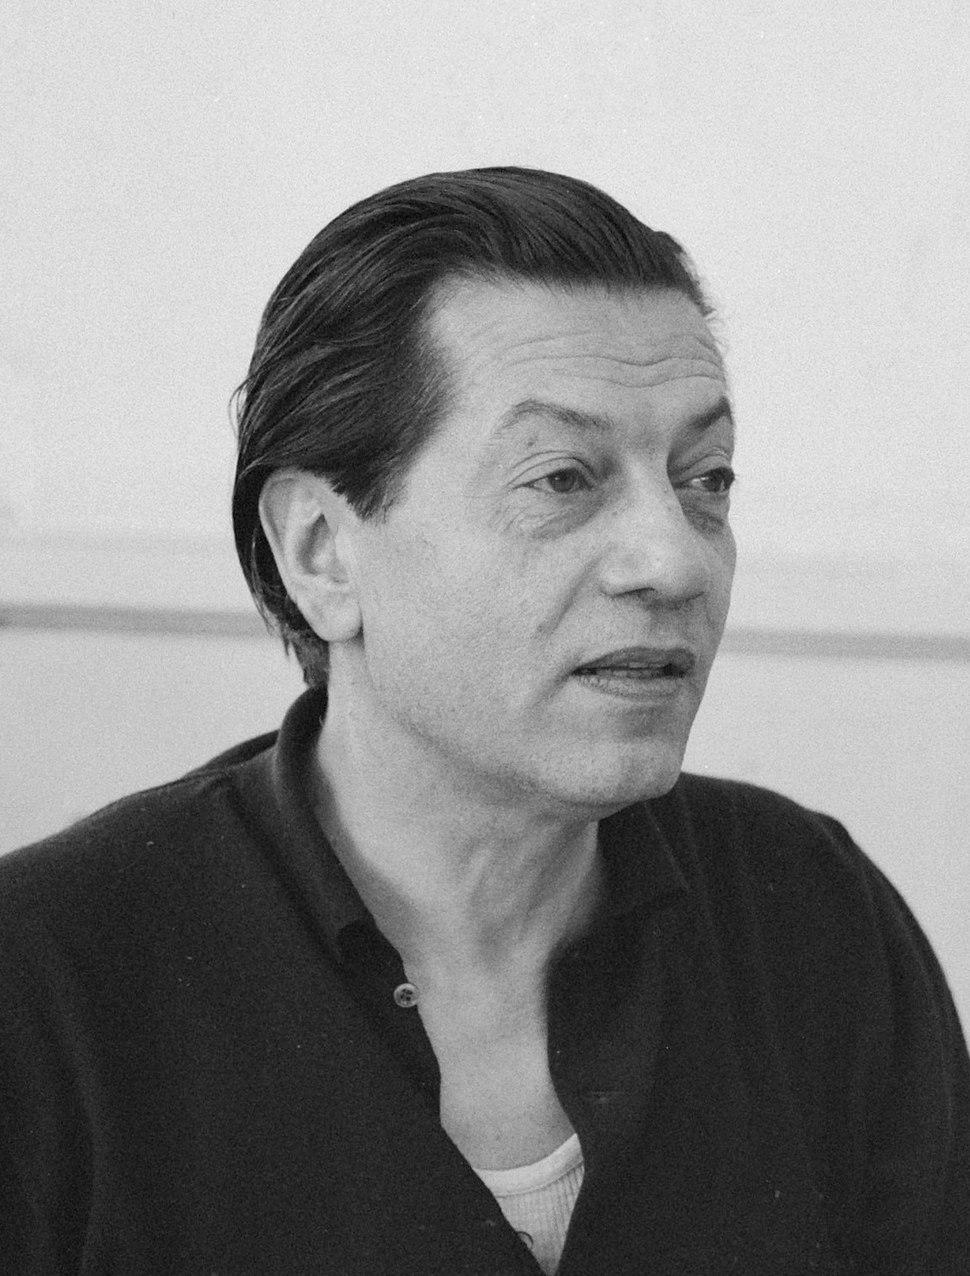 Serge Lifar 1961